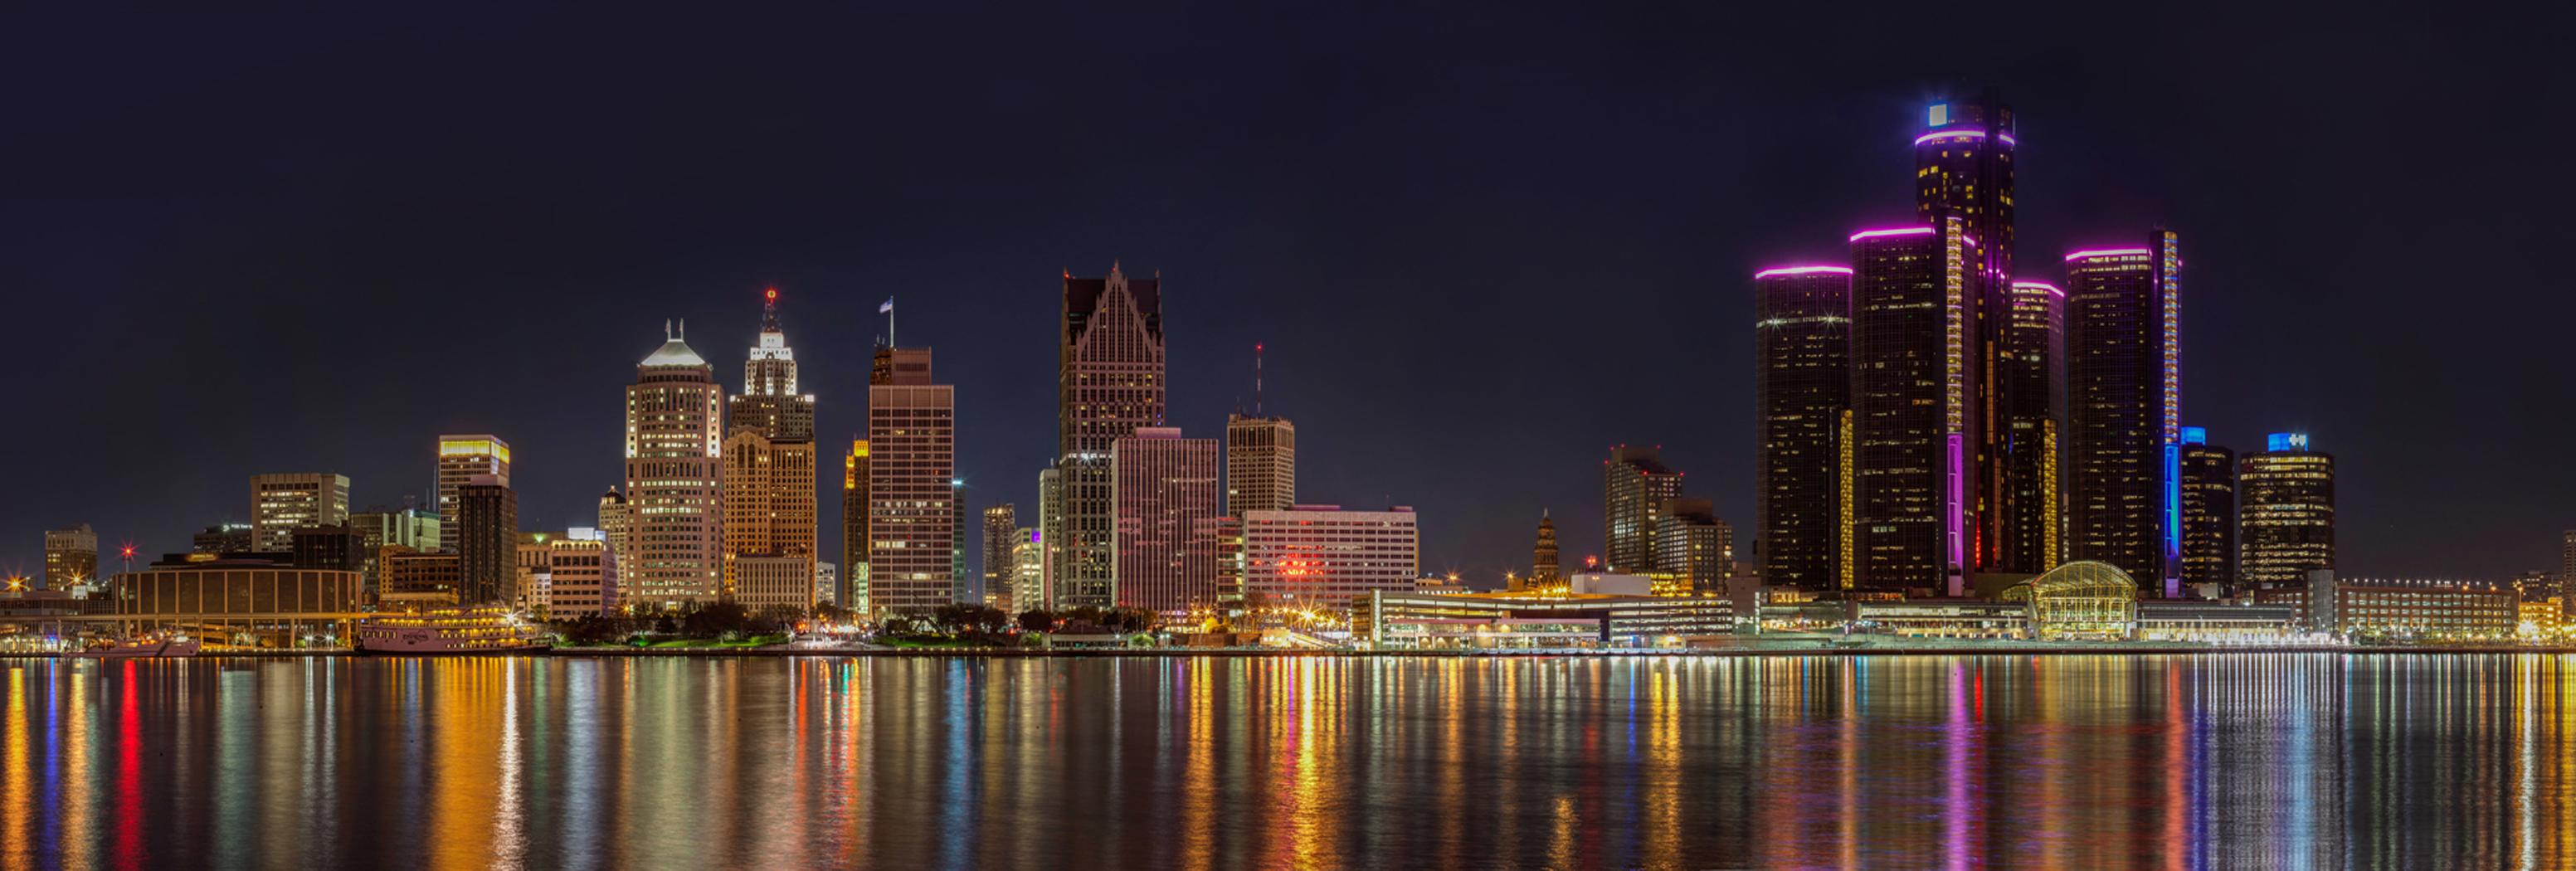 HMCC of Detroit